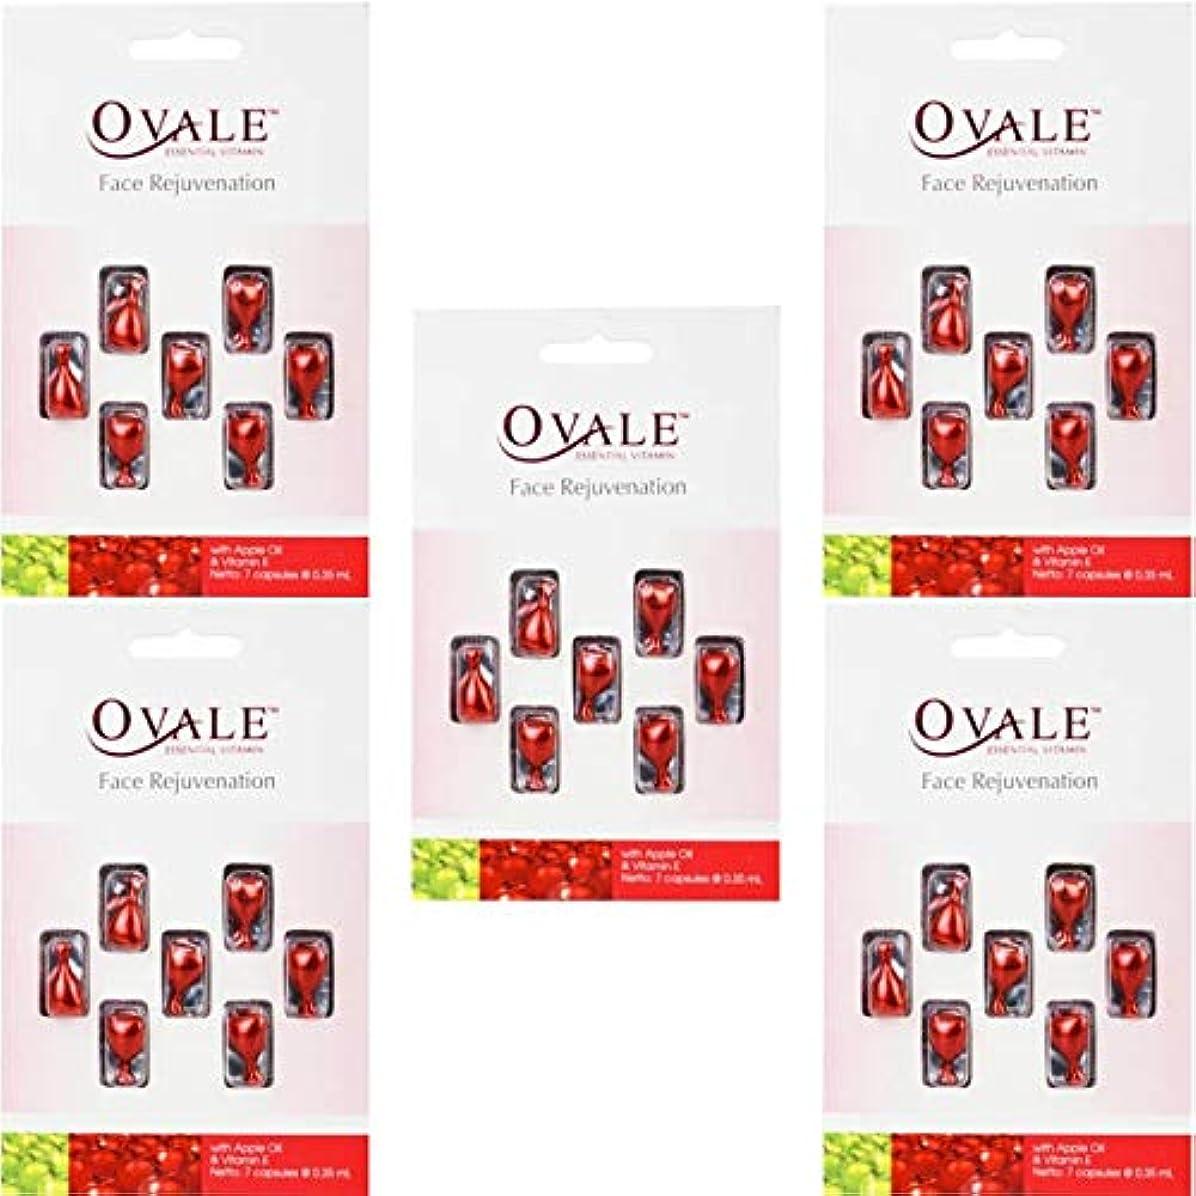 直接ジャベスウィルソン義務的Ovale オーバル フェイシャル美容液 essential vitamin エッセンシャルビタミン 7粒入シート×5枚セット アップル [海外直送品]